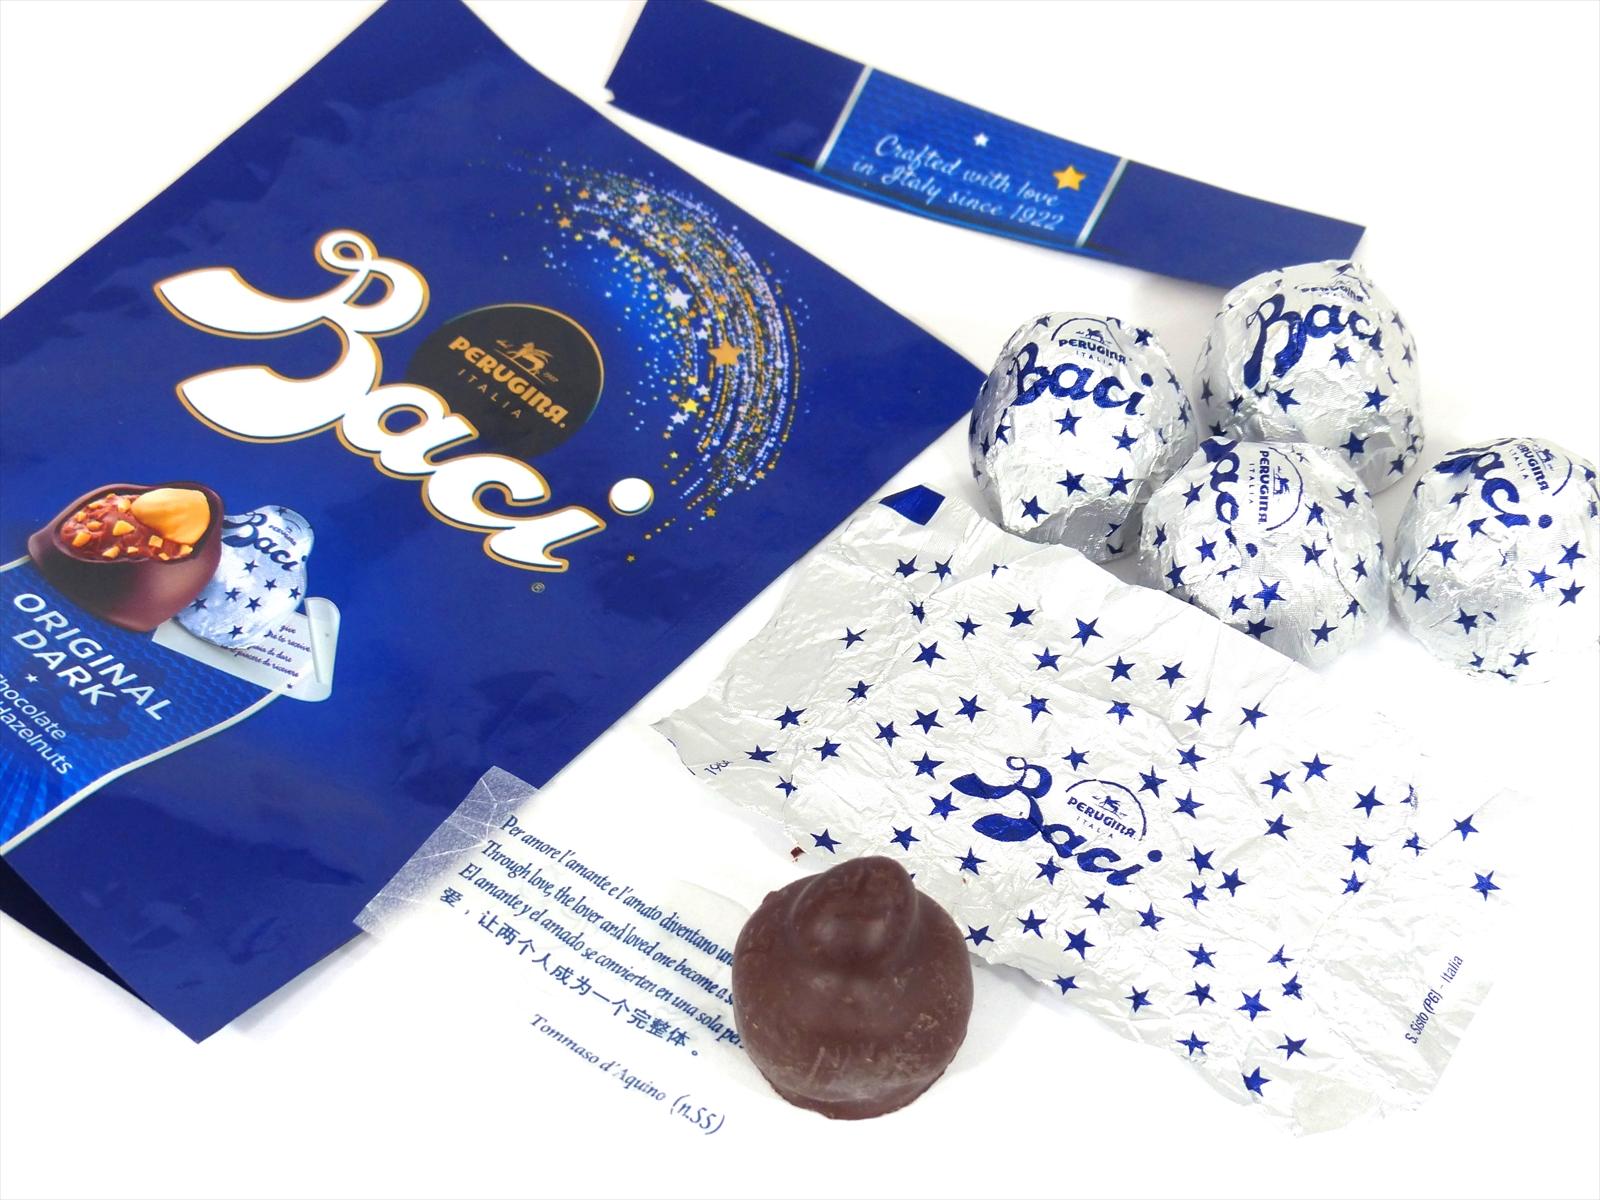 バッチ オリジナル ダークチョコレート 540円